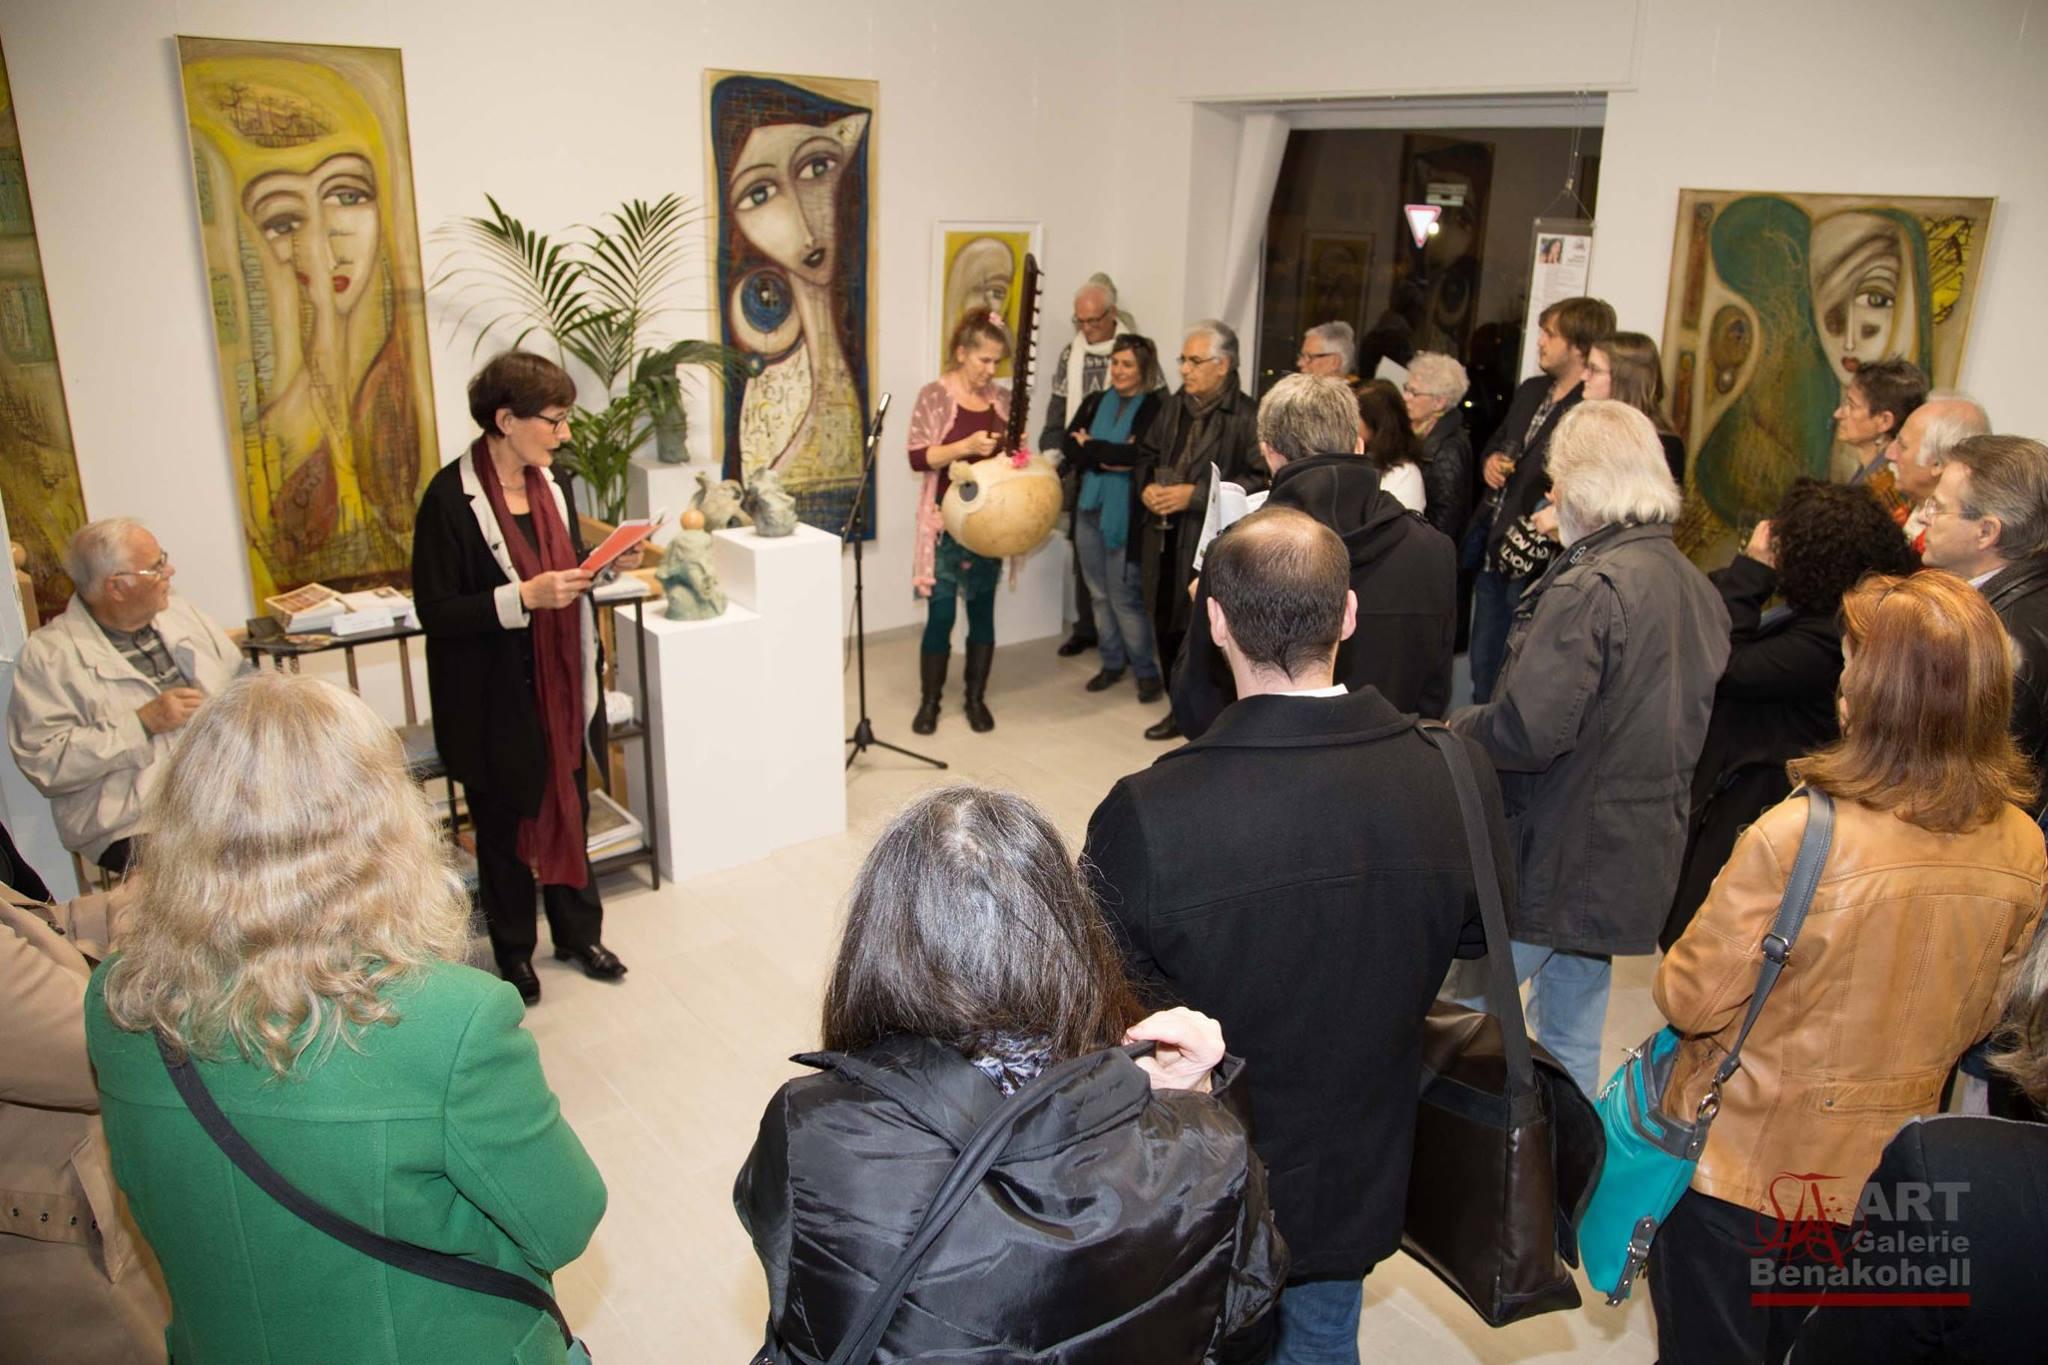 Ausstellungseröffnung Benakohell 2015